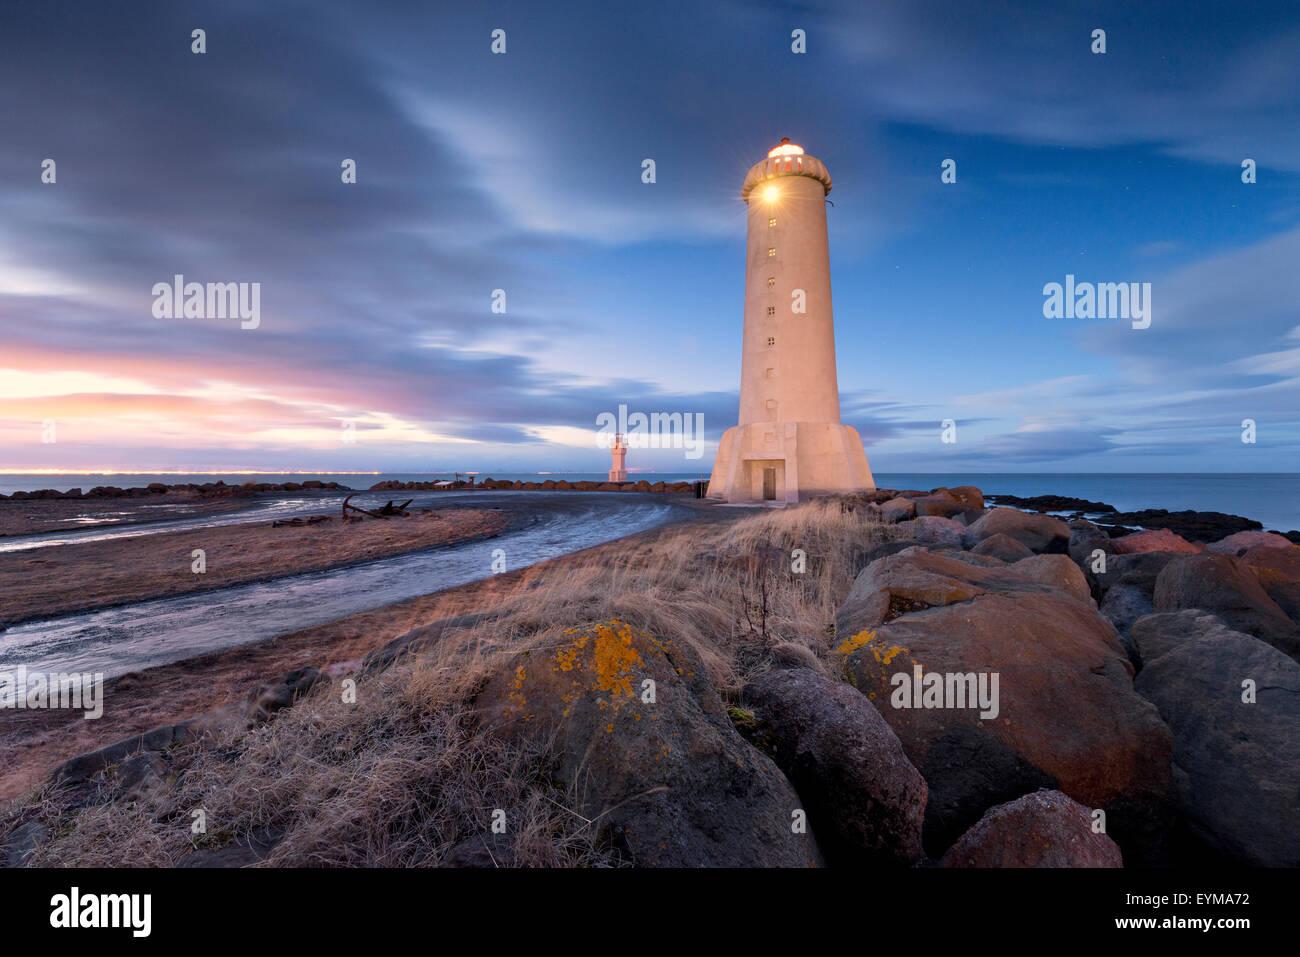 Gas Water Licht : Akranes leuchtturm island atmosphäre blau licht farbe